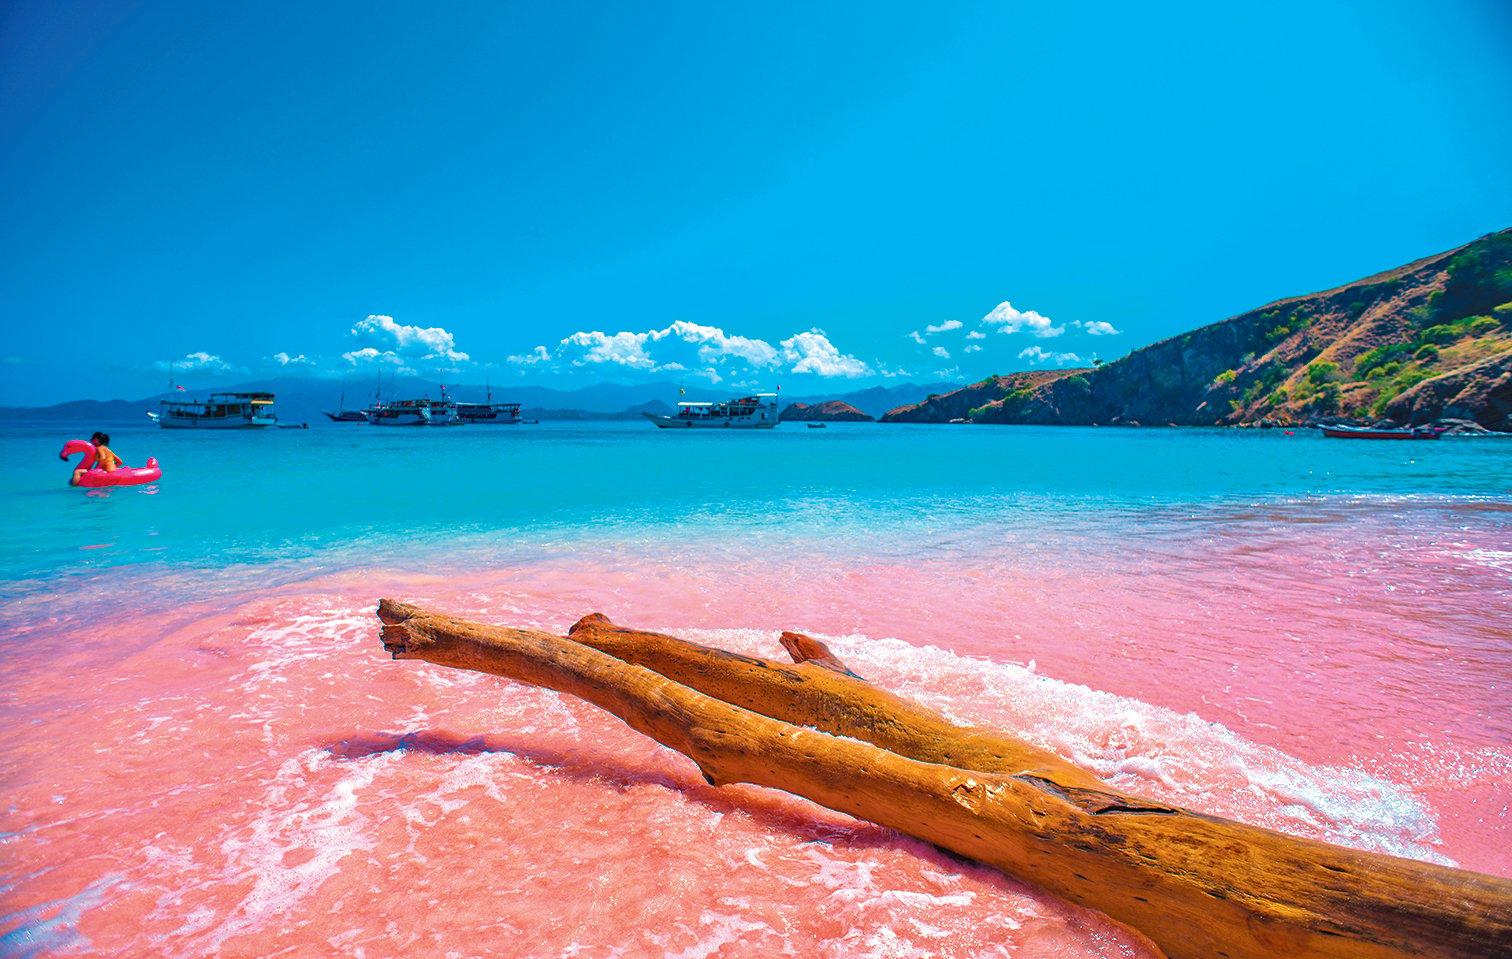 湛藍海水映襯粉紅沙灘,如童話世界。